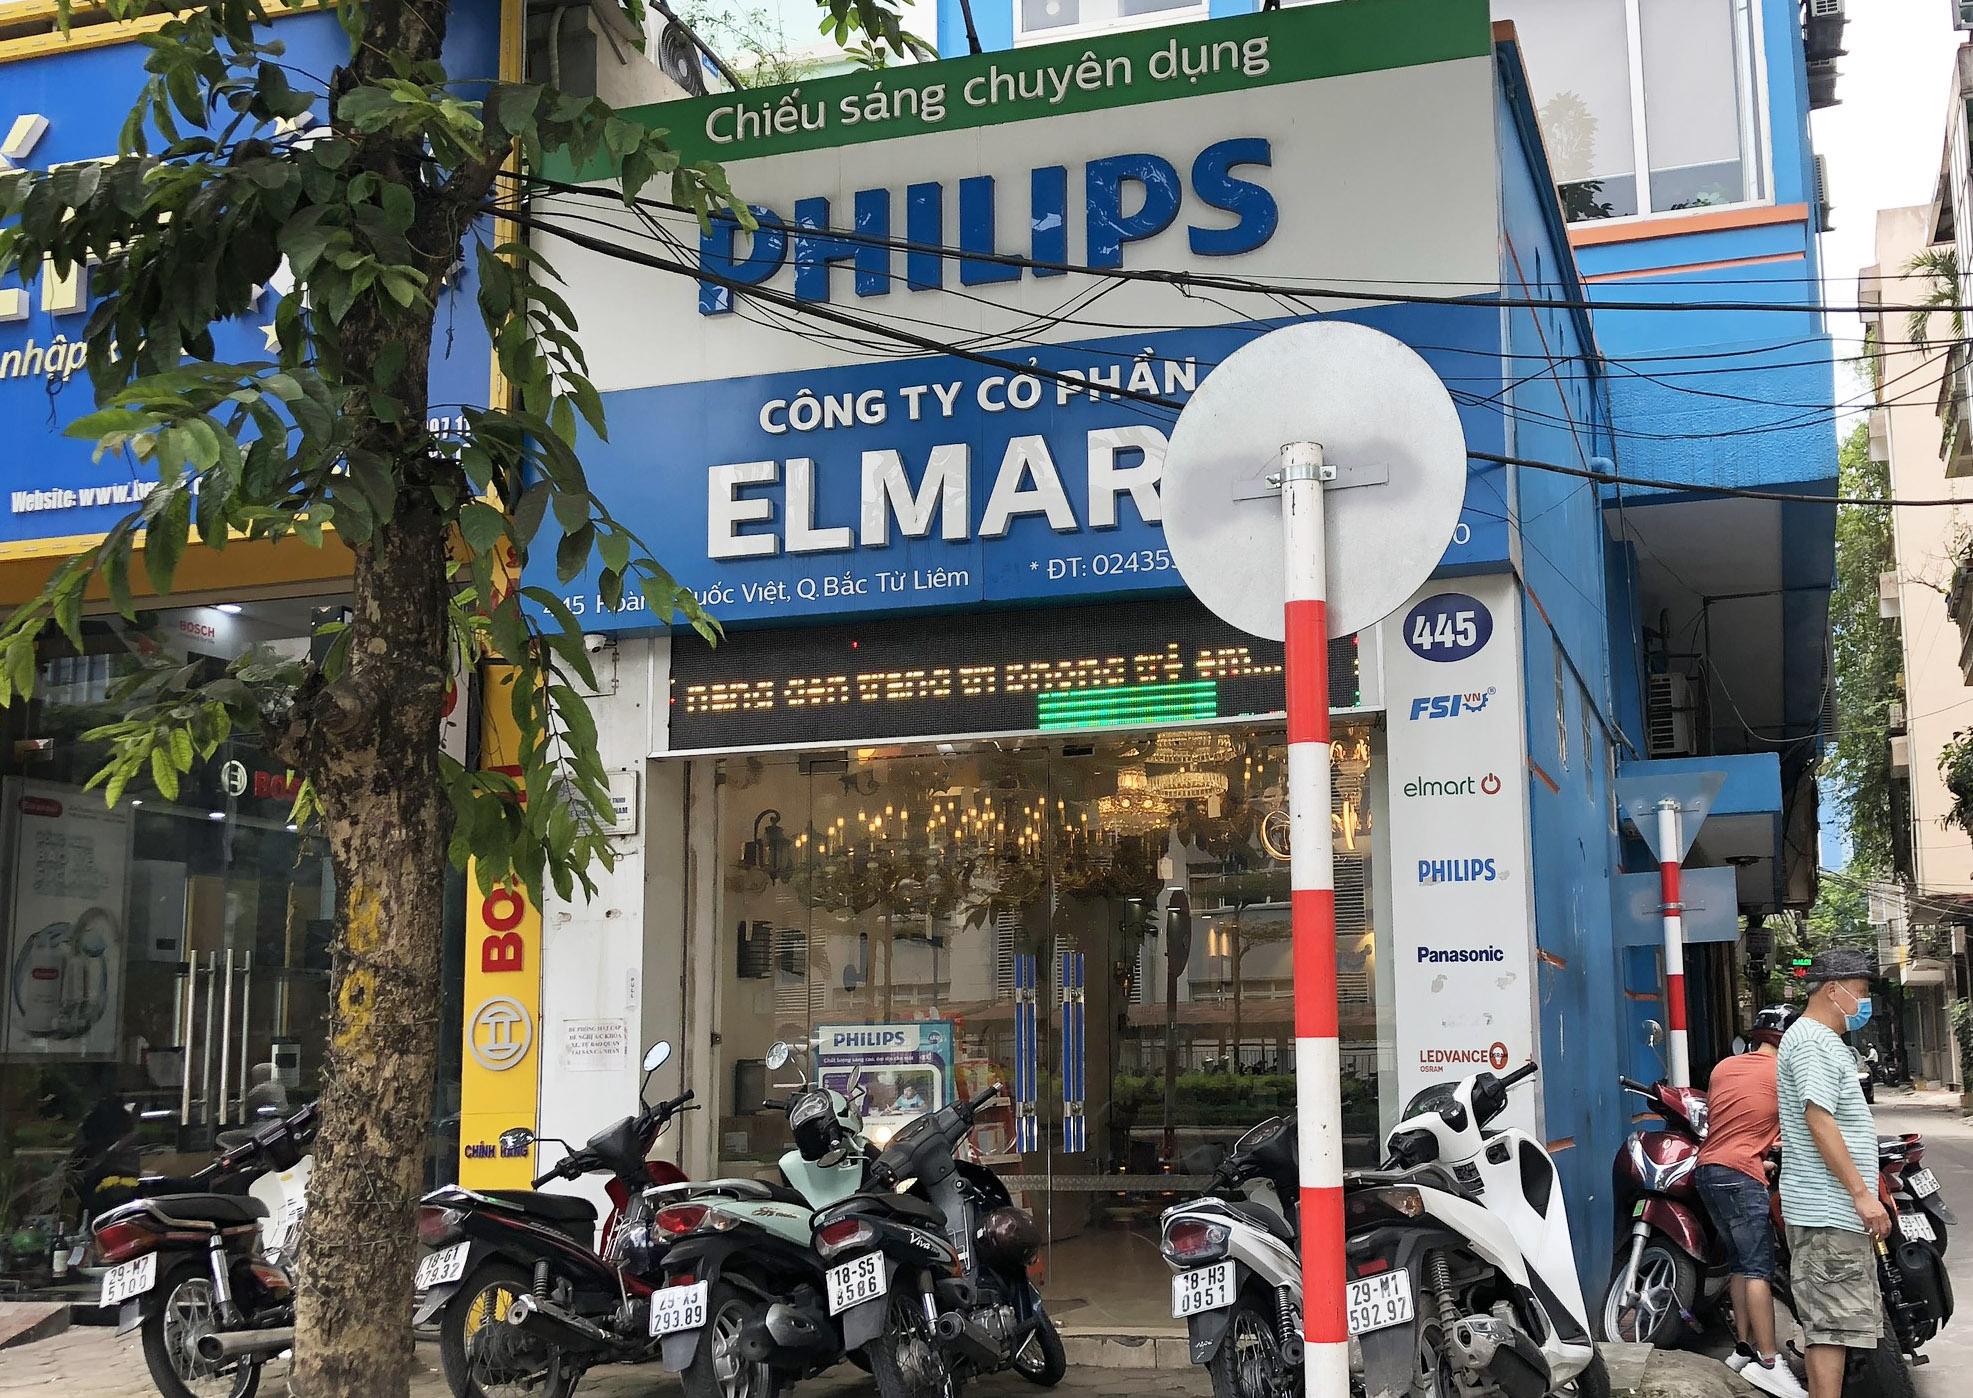 Cửa hàng đèn trang trí ELMART tại 445 Hoàng Quốc Việt